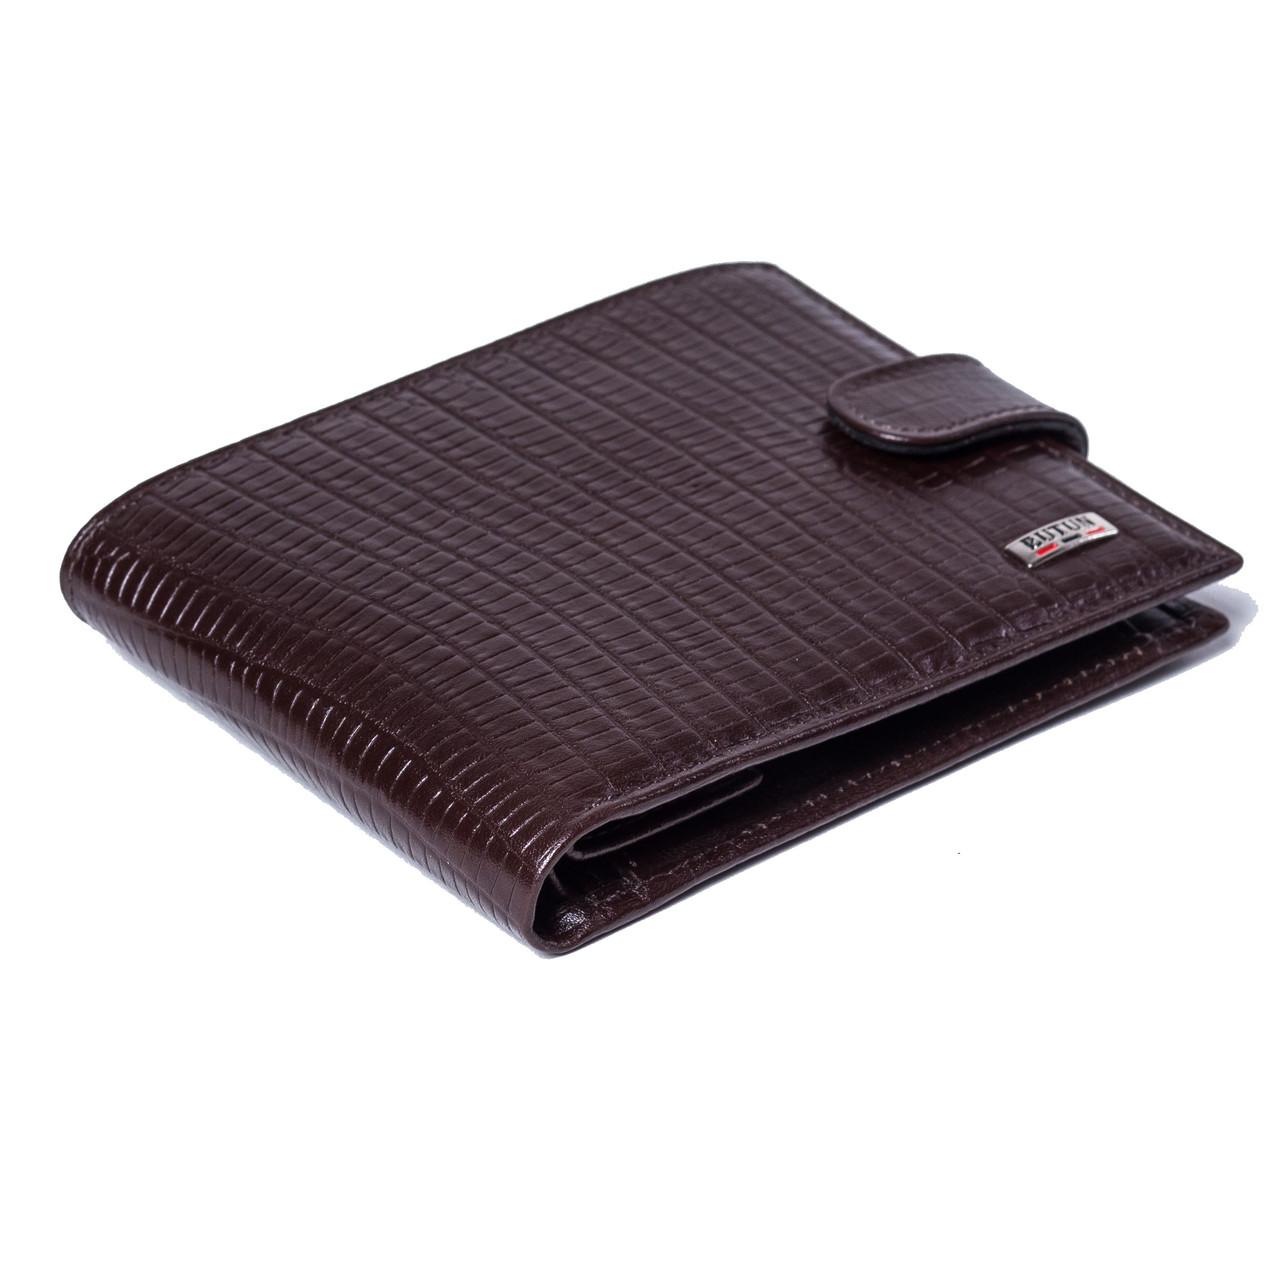 Мужской кошелек кожаный коричневый BUTUN 208-015-004